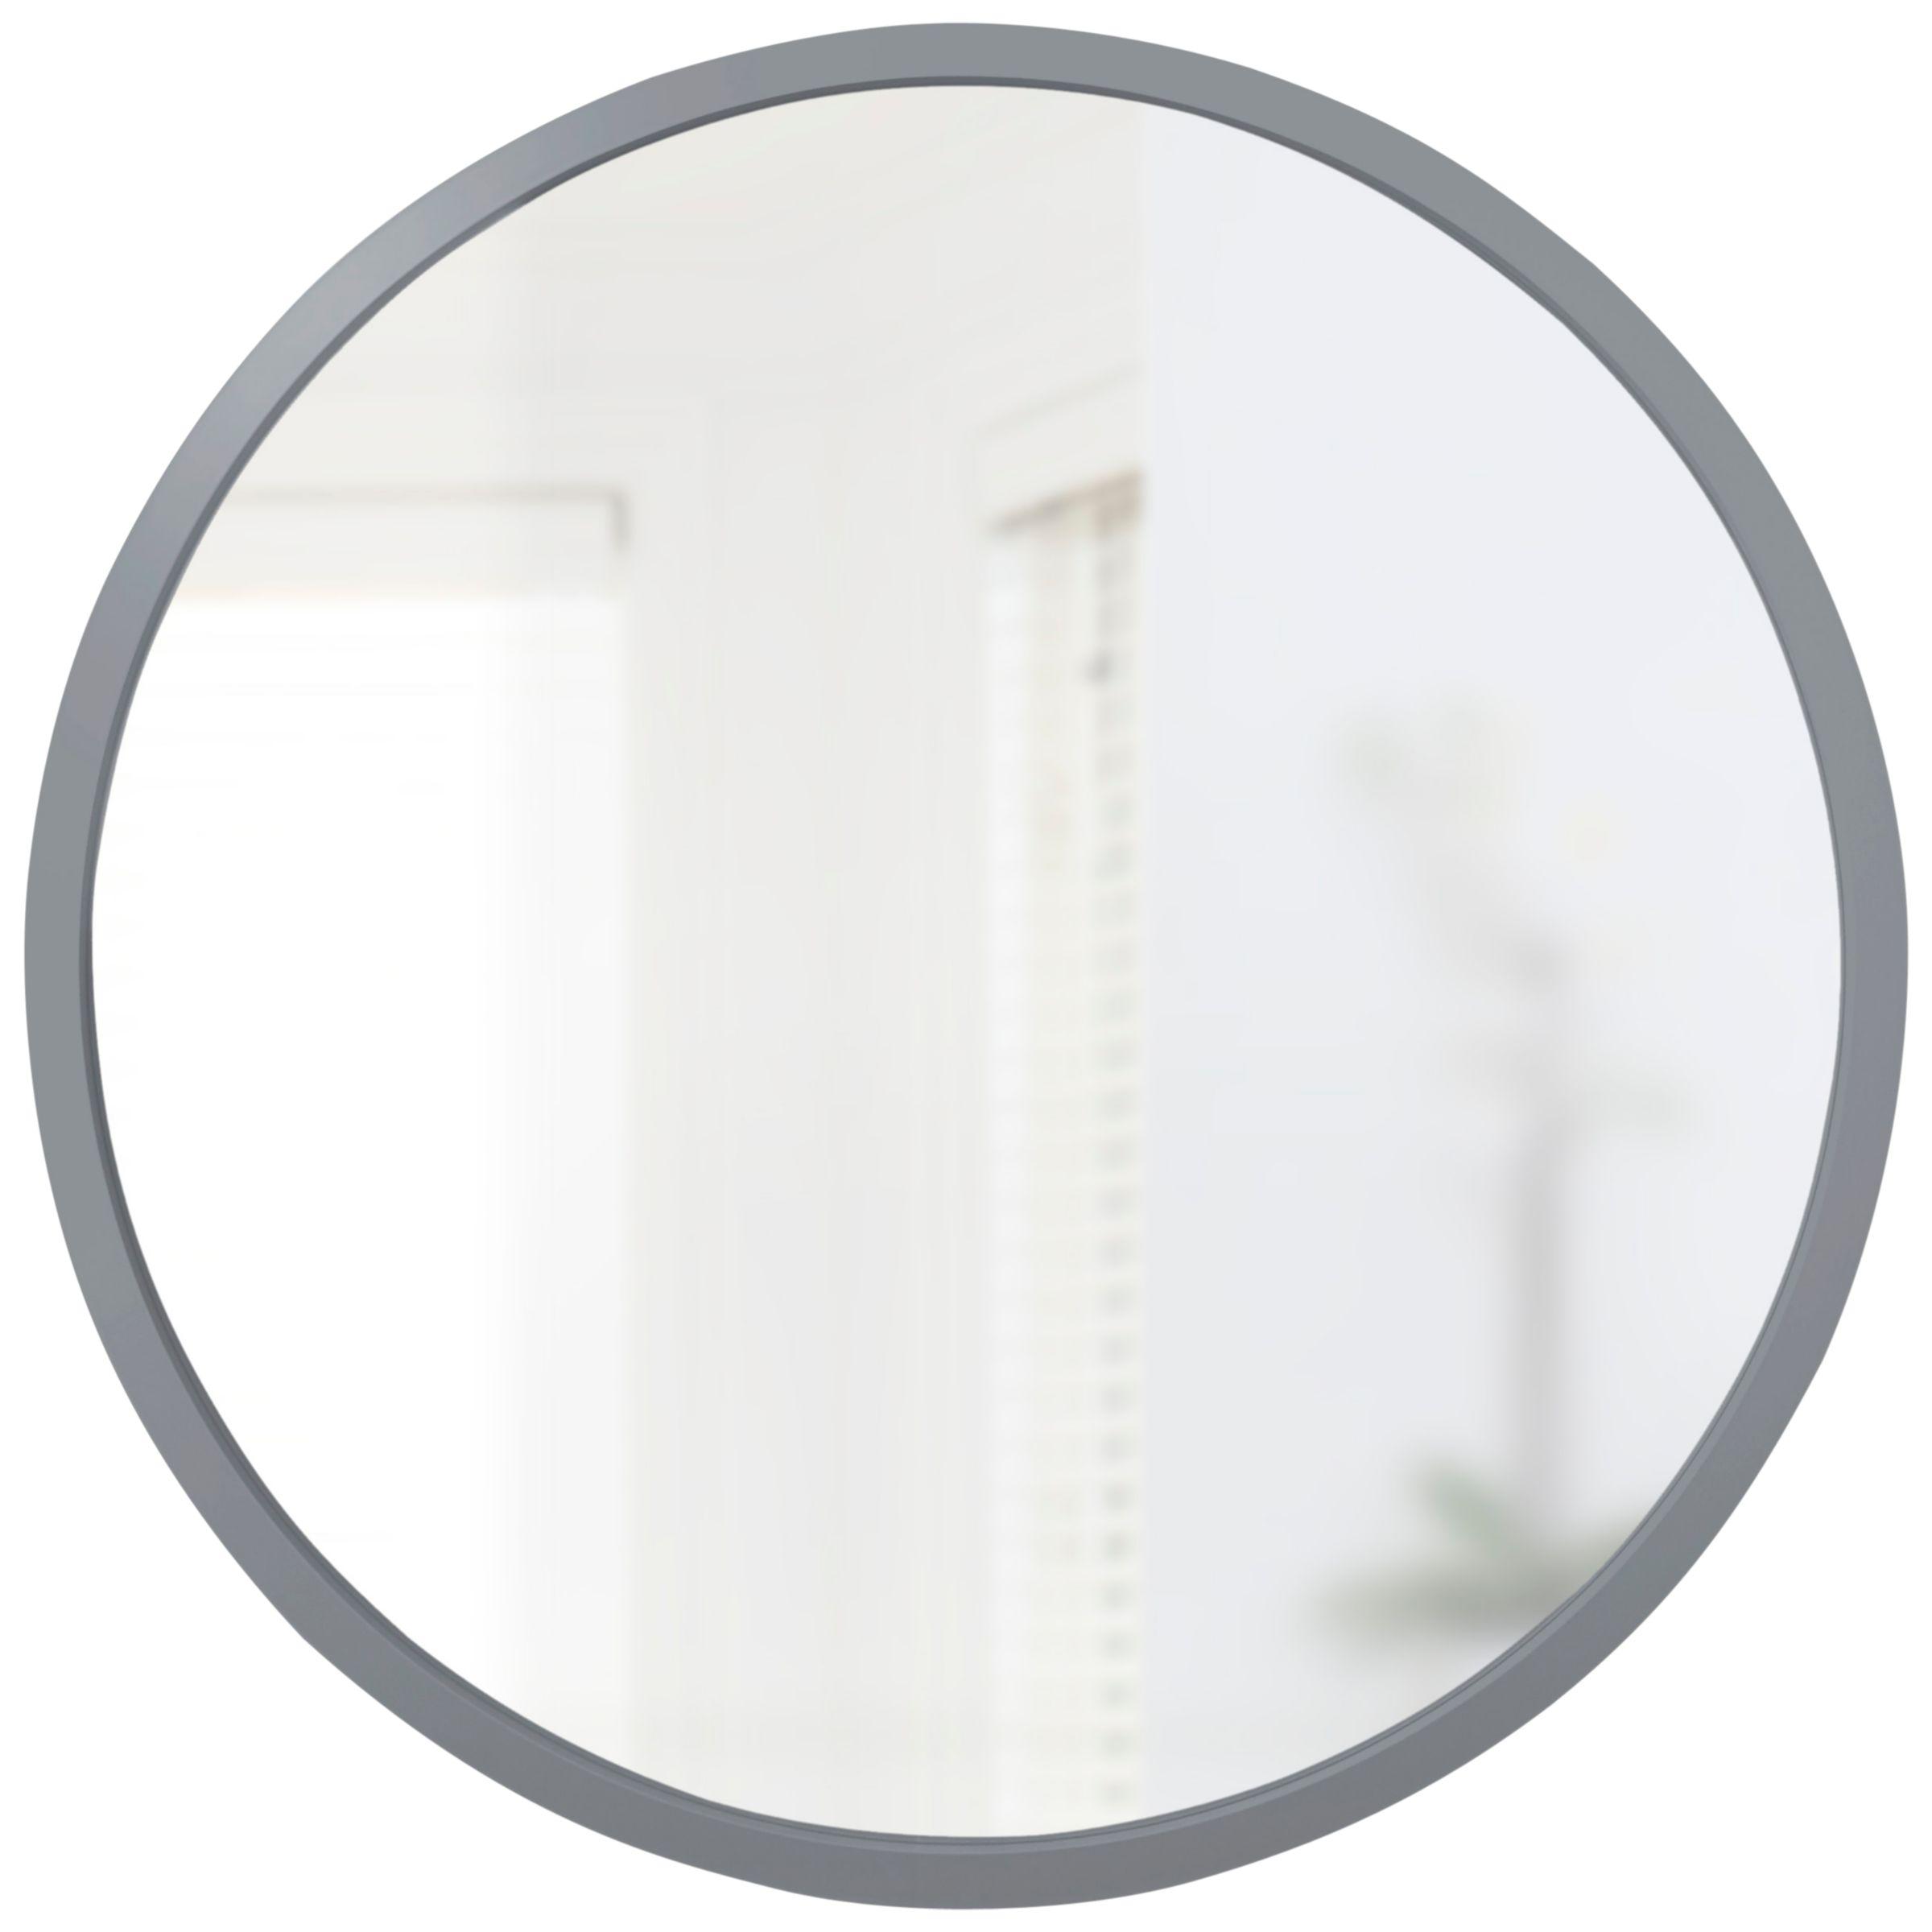 Umbra Umbra Hub Round Mirror, Dia.94cm, Grey